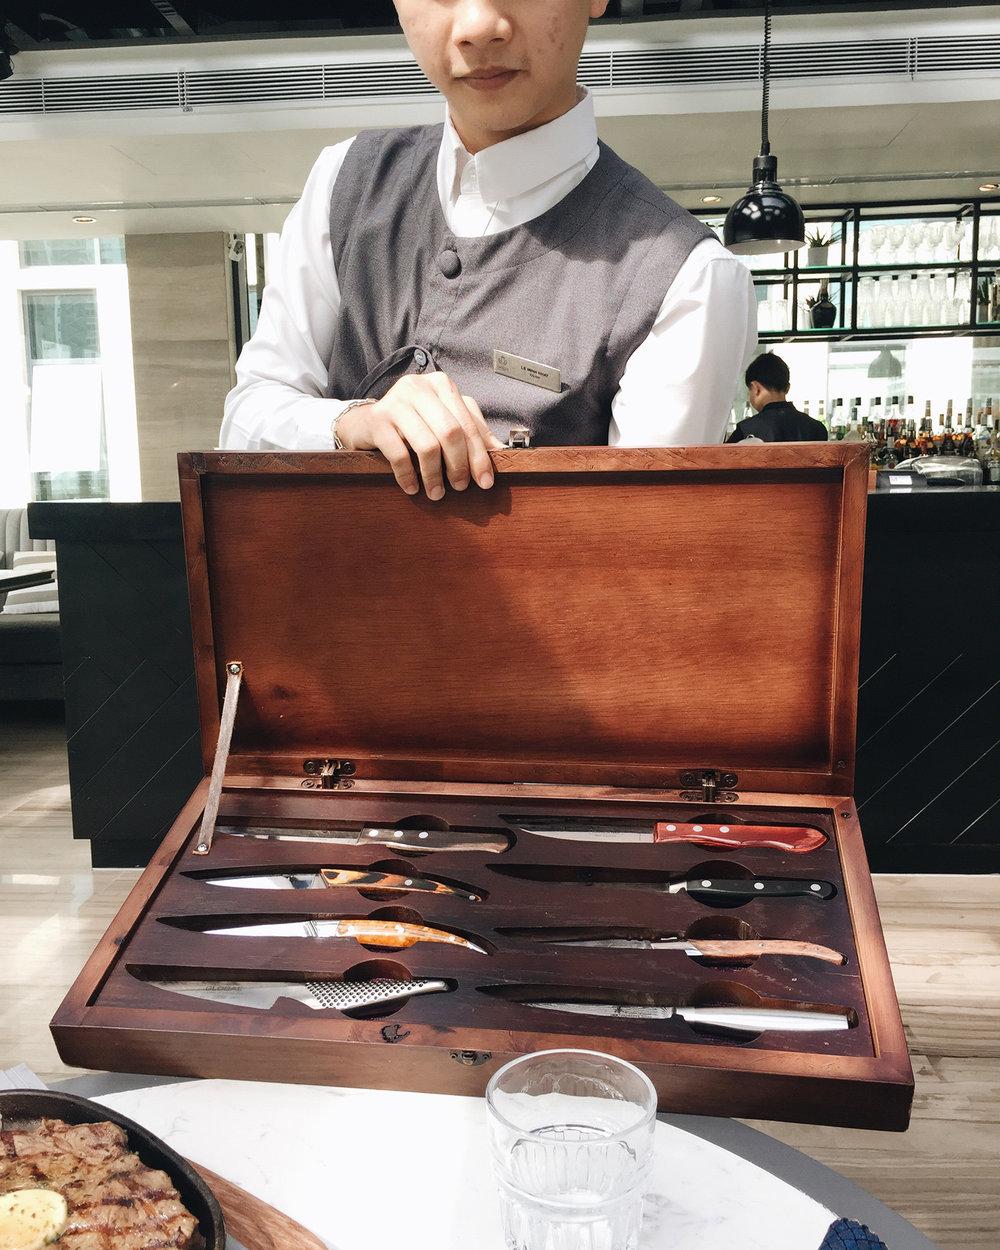 Bộ dao 8 món tới từ 8 nước trên thế giới sẽ được phục vụ tuỳ theo sở thích của thực khách khi order sườn cừu hoặc beef steak.